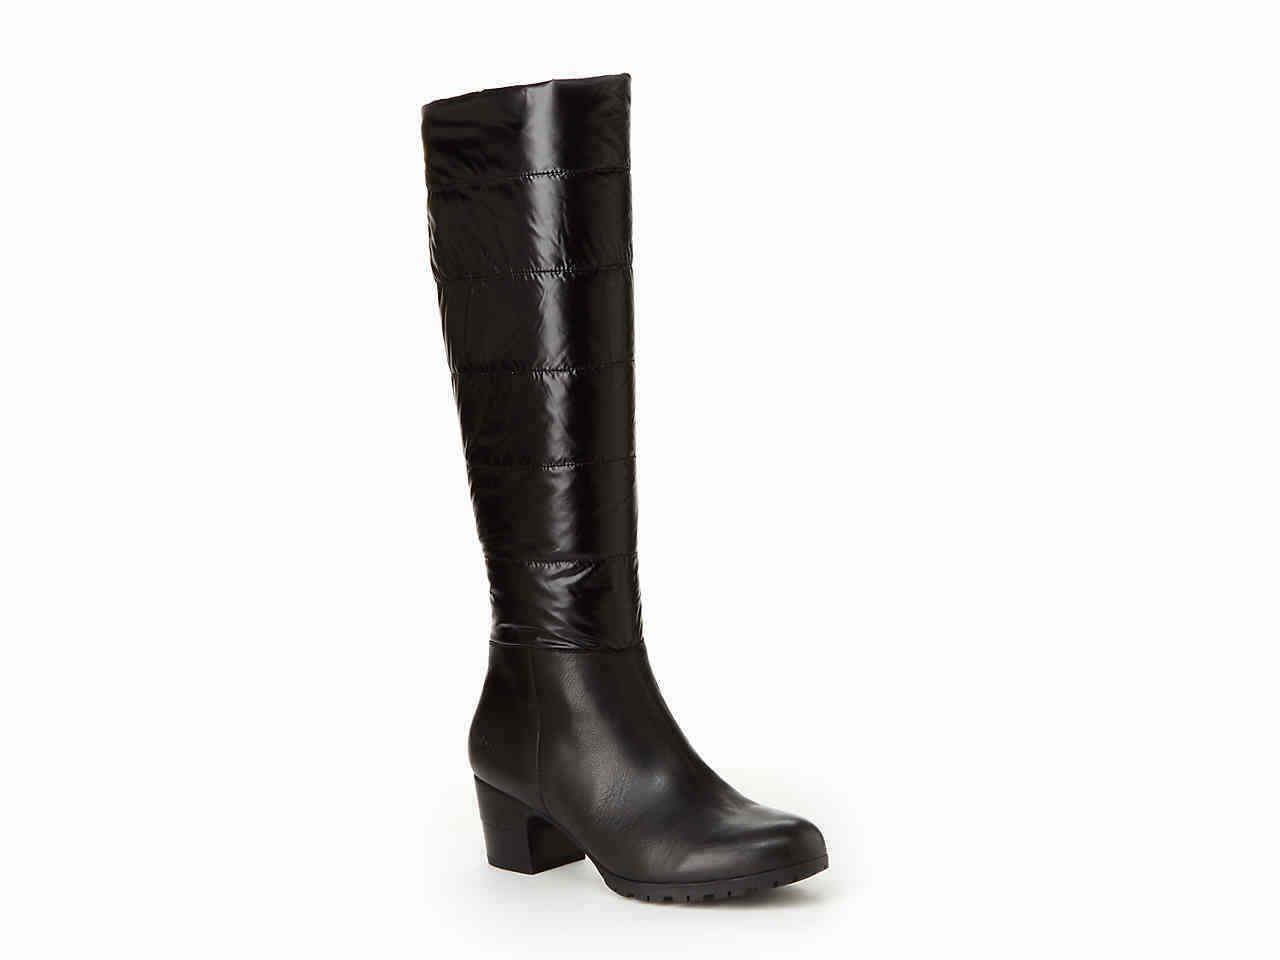 JBU by Jambu Women's MAYFAIR Water Resistant Knee High Boot BLACK